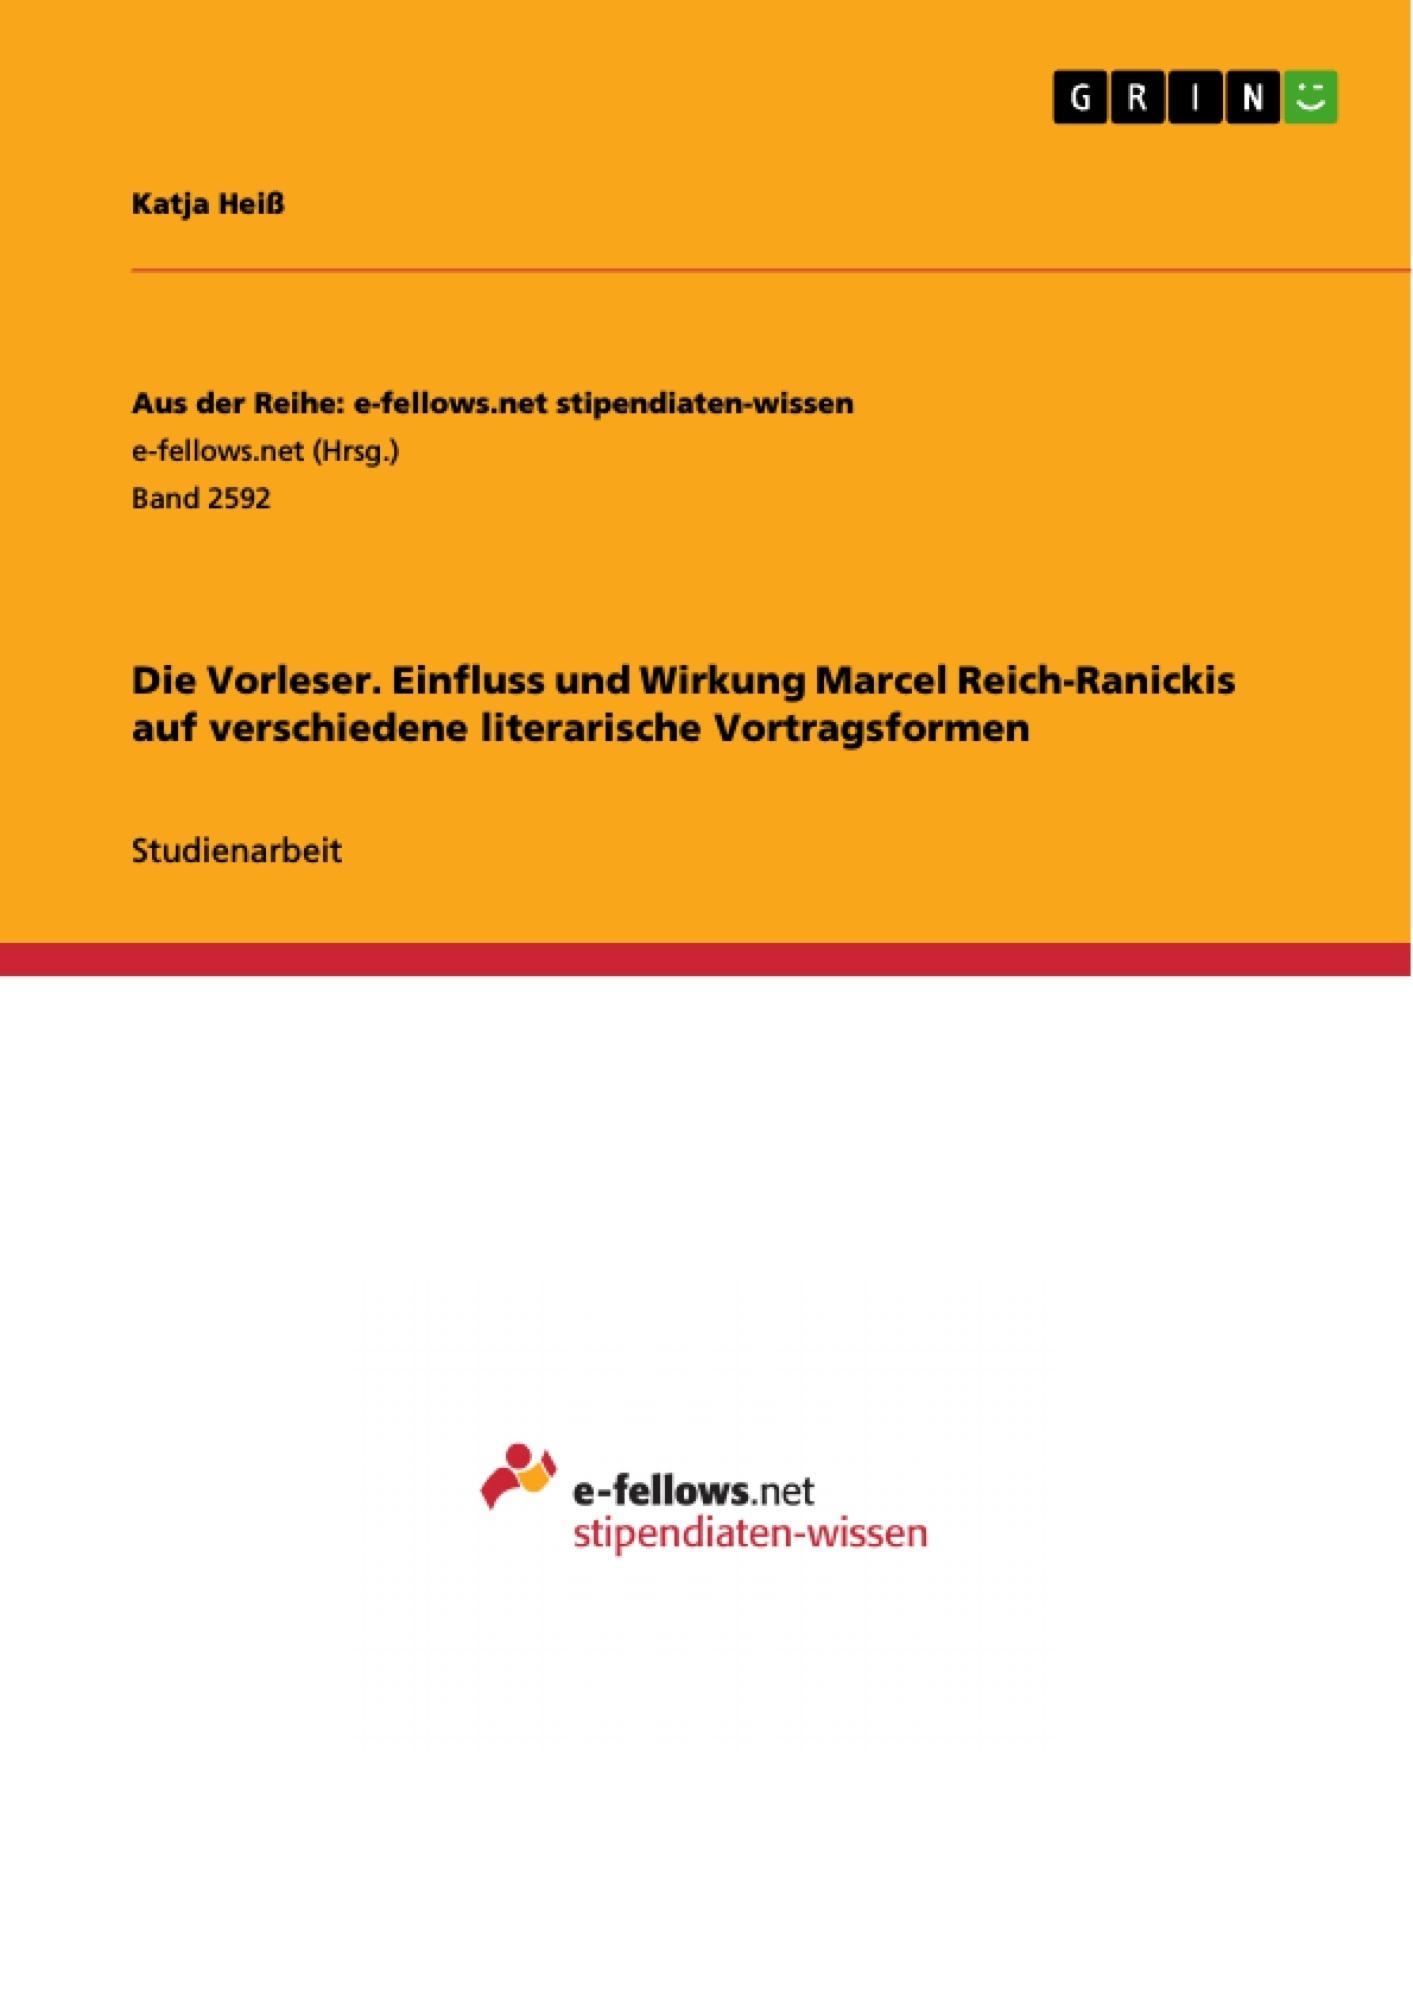 Titel: Die Vorleser. Einfluss und Wirkung Marcel Reich-Ranickis auf verschiedene literarische Vortragsformen